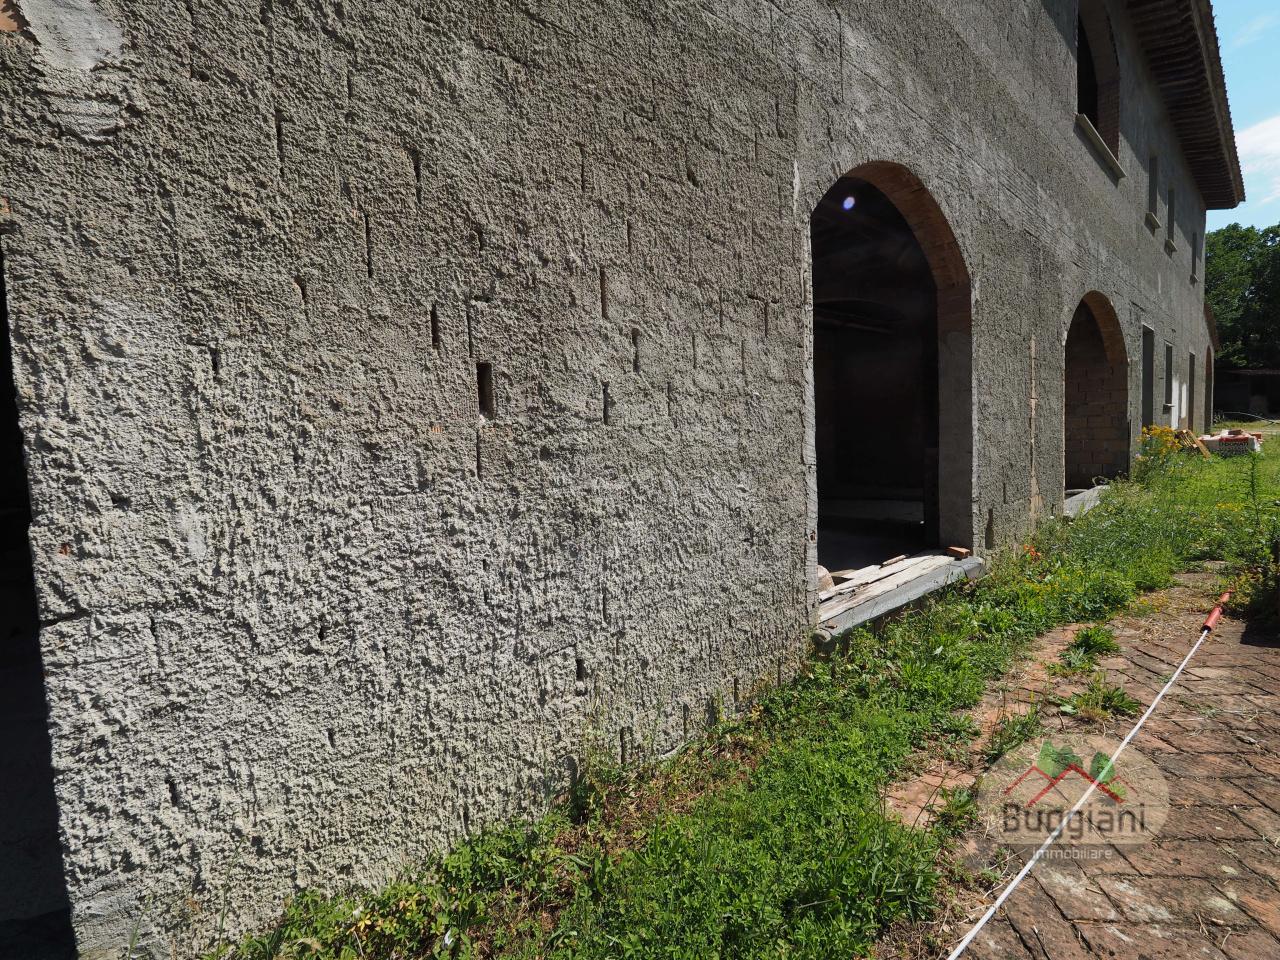 Rustico in vendita RIF. 1790, San Miniato (PI)